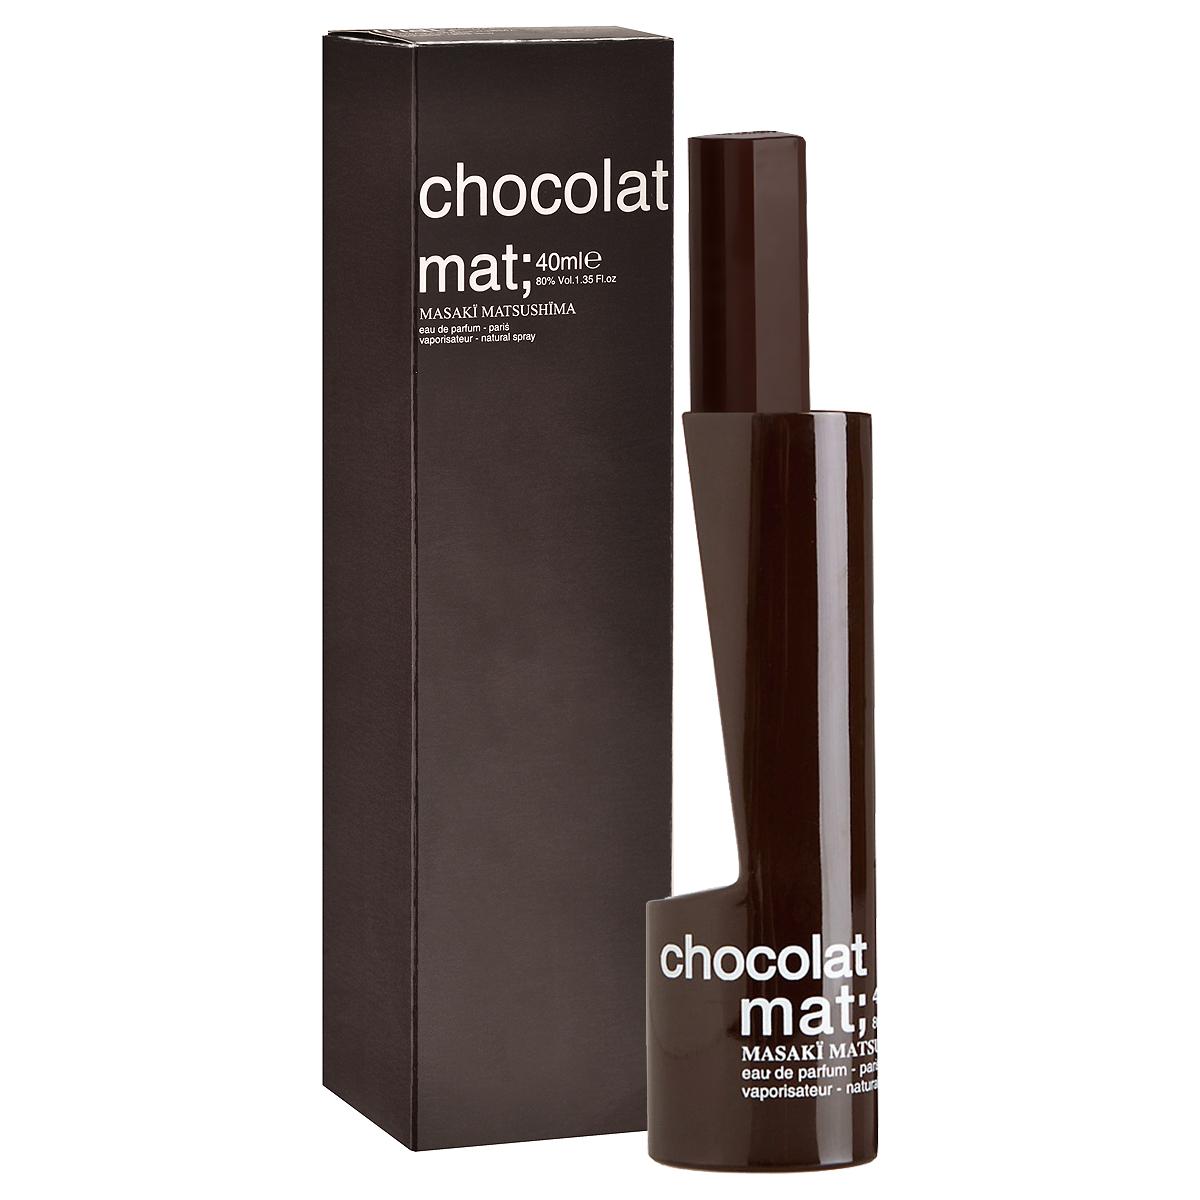 Masaki Matsushima Парфюмерная вода Mat Chocolat, женская, 40 мл570539Аромат Mat Chocolat от Masaki Matsushima создан для молодой, очаровательной женщины, романтичной и немного ветреной. Она обожает сладости - их аппетитные, шаловливые аккорды - простая возможность почувствовать себя озорной девчонкой. Она без ума от шоколада - он здорово поднимает настроение, она выбирает Mat Chocolat - и аура любимых ароматов сопровождает ее повсюду, куда бы она ни направлялась. Отличный способ создать настроение на весь день. Причем не только себе…Классификация аромата: цветочно-восточный, ориентальный. Пирамида аромата: Верхние ноты: черная смородина, грейпфрут, арбуз, роза. Ноты сердца: темный шоколад, какао. Ноты шлейфа: сандал, кокос, мускус. Ключевые словаТеплый, сладкий, радостный!Самый популярный вид парфюмерной продукции на сегодняшний день - парфюмерная вода. Это объясняется оптимальным балансом цены и качества - с одной стороны, достаточно высокая концентрация экстракта (10-20% при 90% спирте), с другой - более доступная, по сравнению с духами, цена. У многих фирм парфюмерная вода - самый высокий по концентрации экстракта вид товара, т.к. далеко не все производители считают нужным (или возможным) выпускать свои ароматы в виде духов. Как правило, парфюмерная вода всегда в спрее-пульверизаторе, что удобно для использования и транспортировки. Так что если духи по какой-либо причине приобрести нельзя, парфюмерная вода, безусловно, - самая лучшая им замена. Товар сертифицирован.